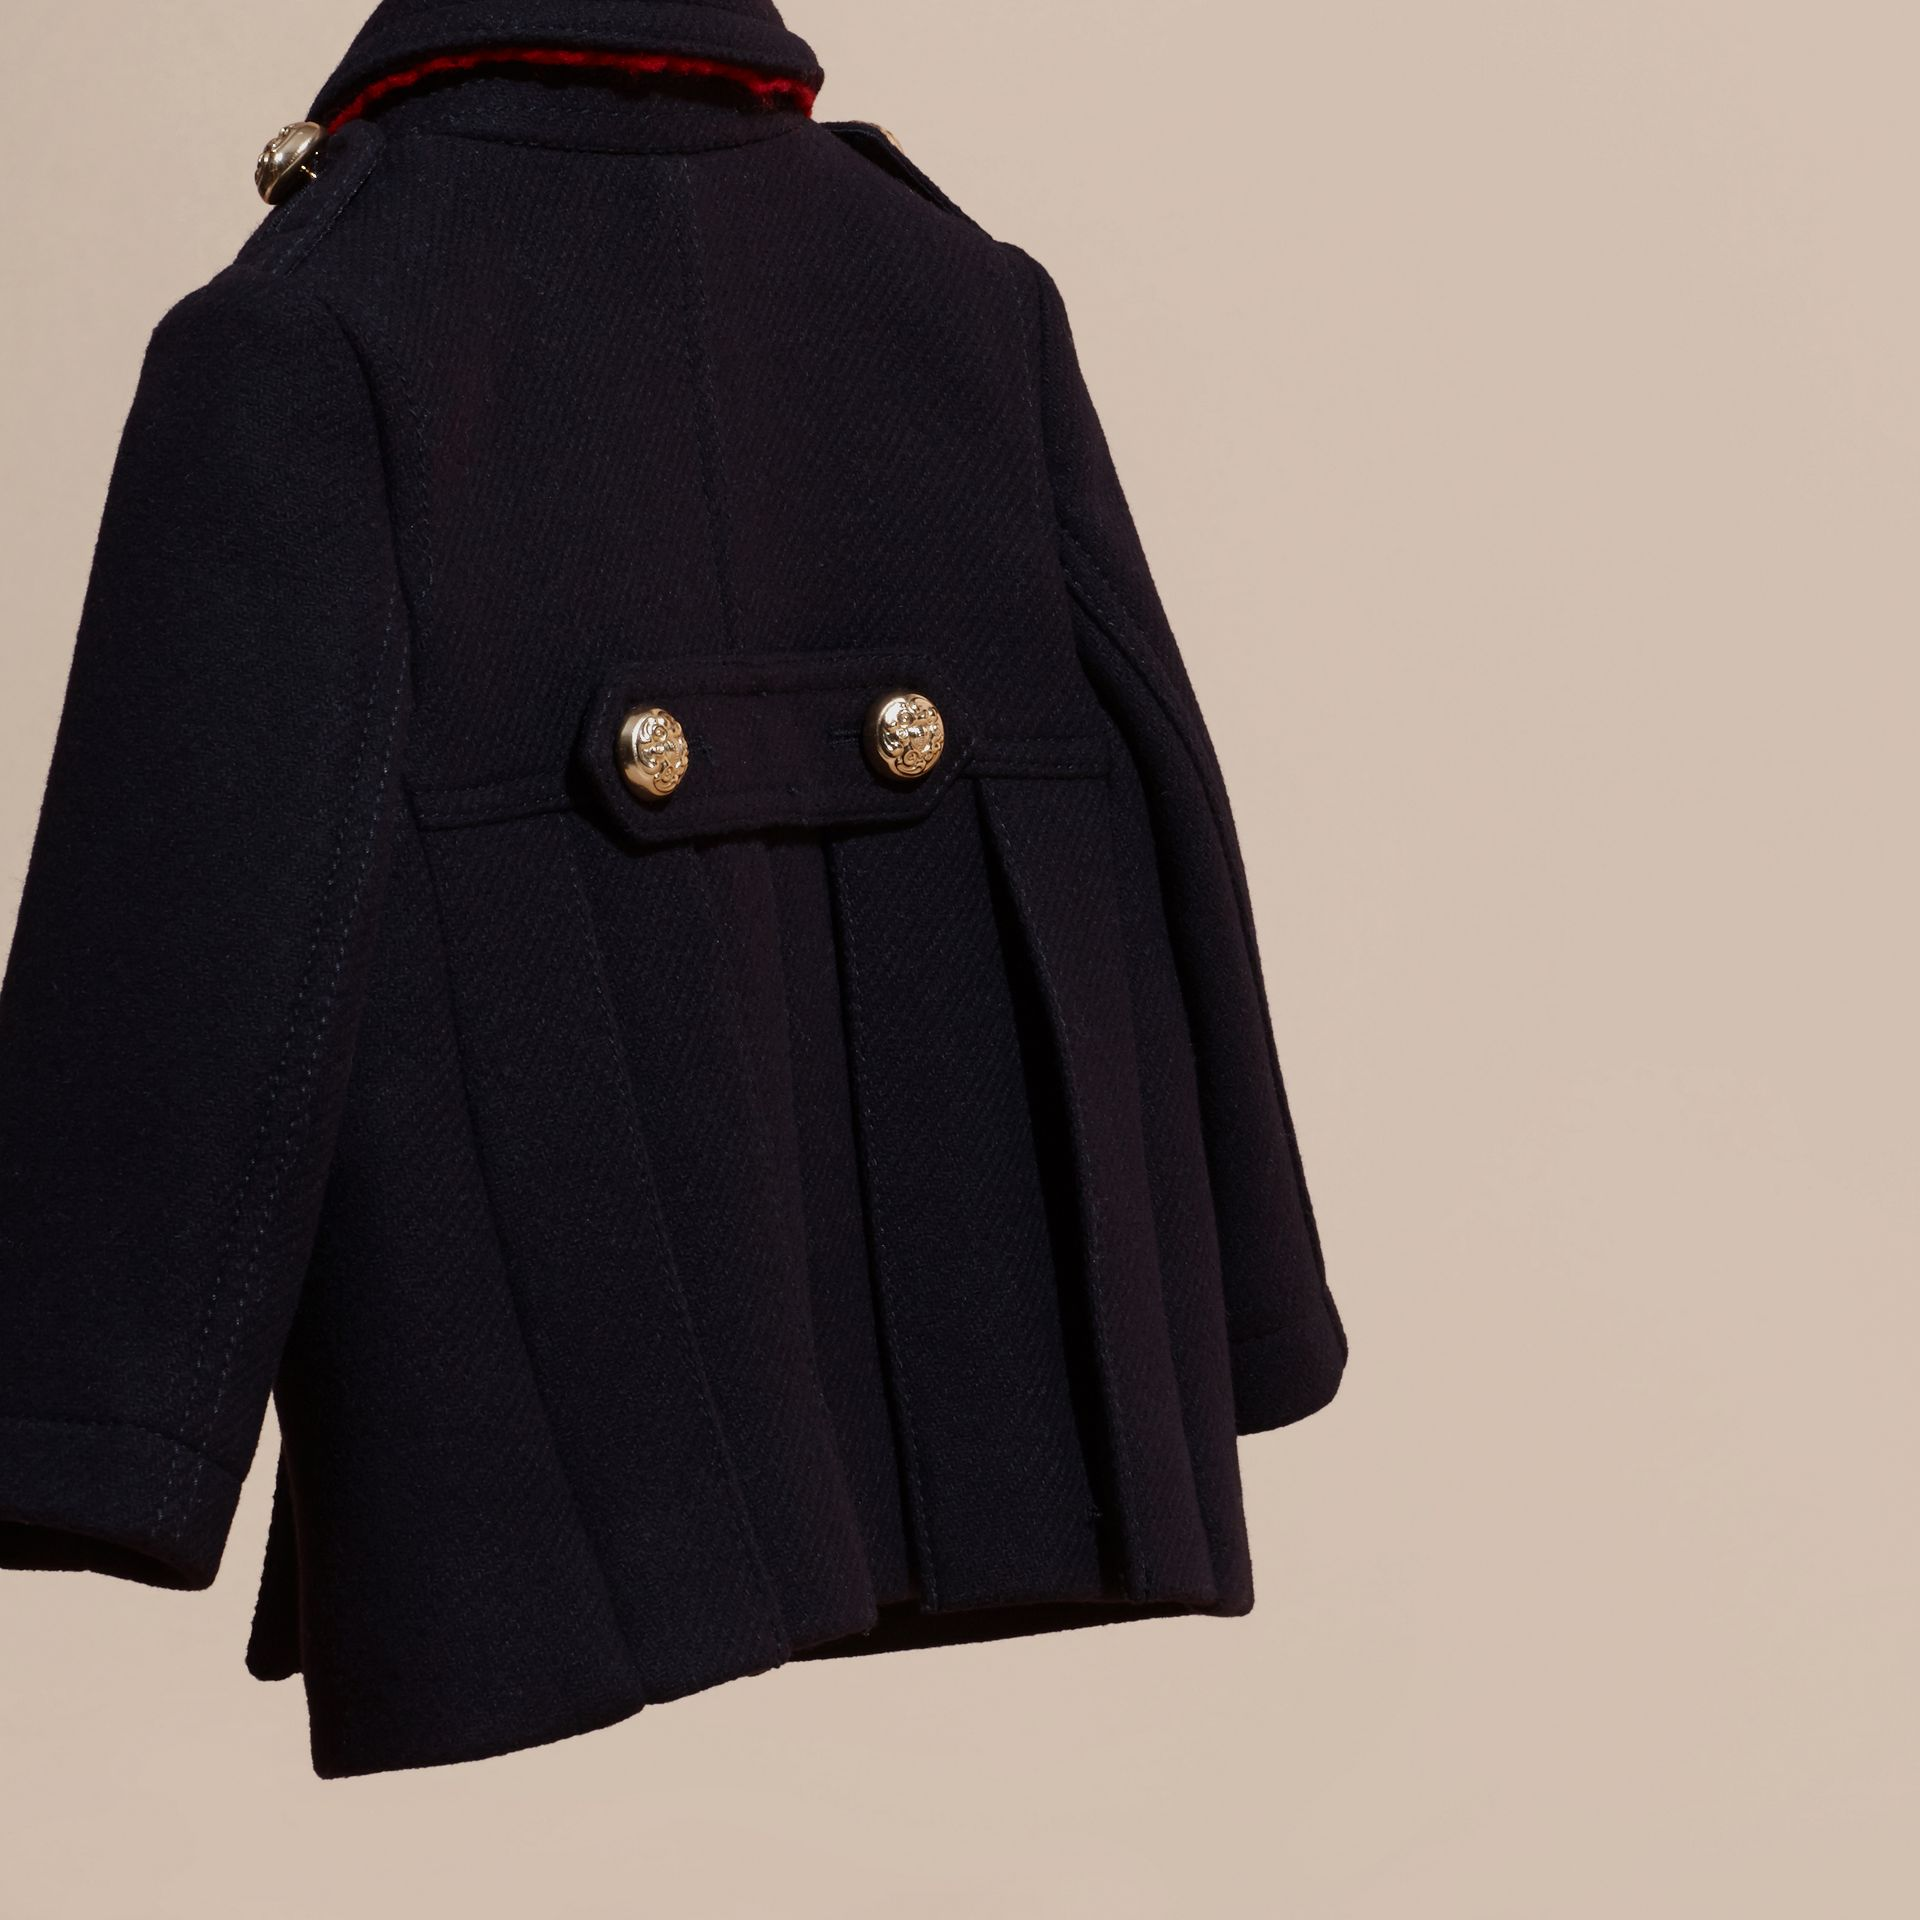 Azul marino Abrigo marinero militar en mezcla de lana y cachemir con detalles plisados - imagen de la galería 4